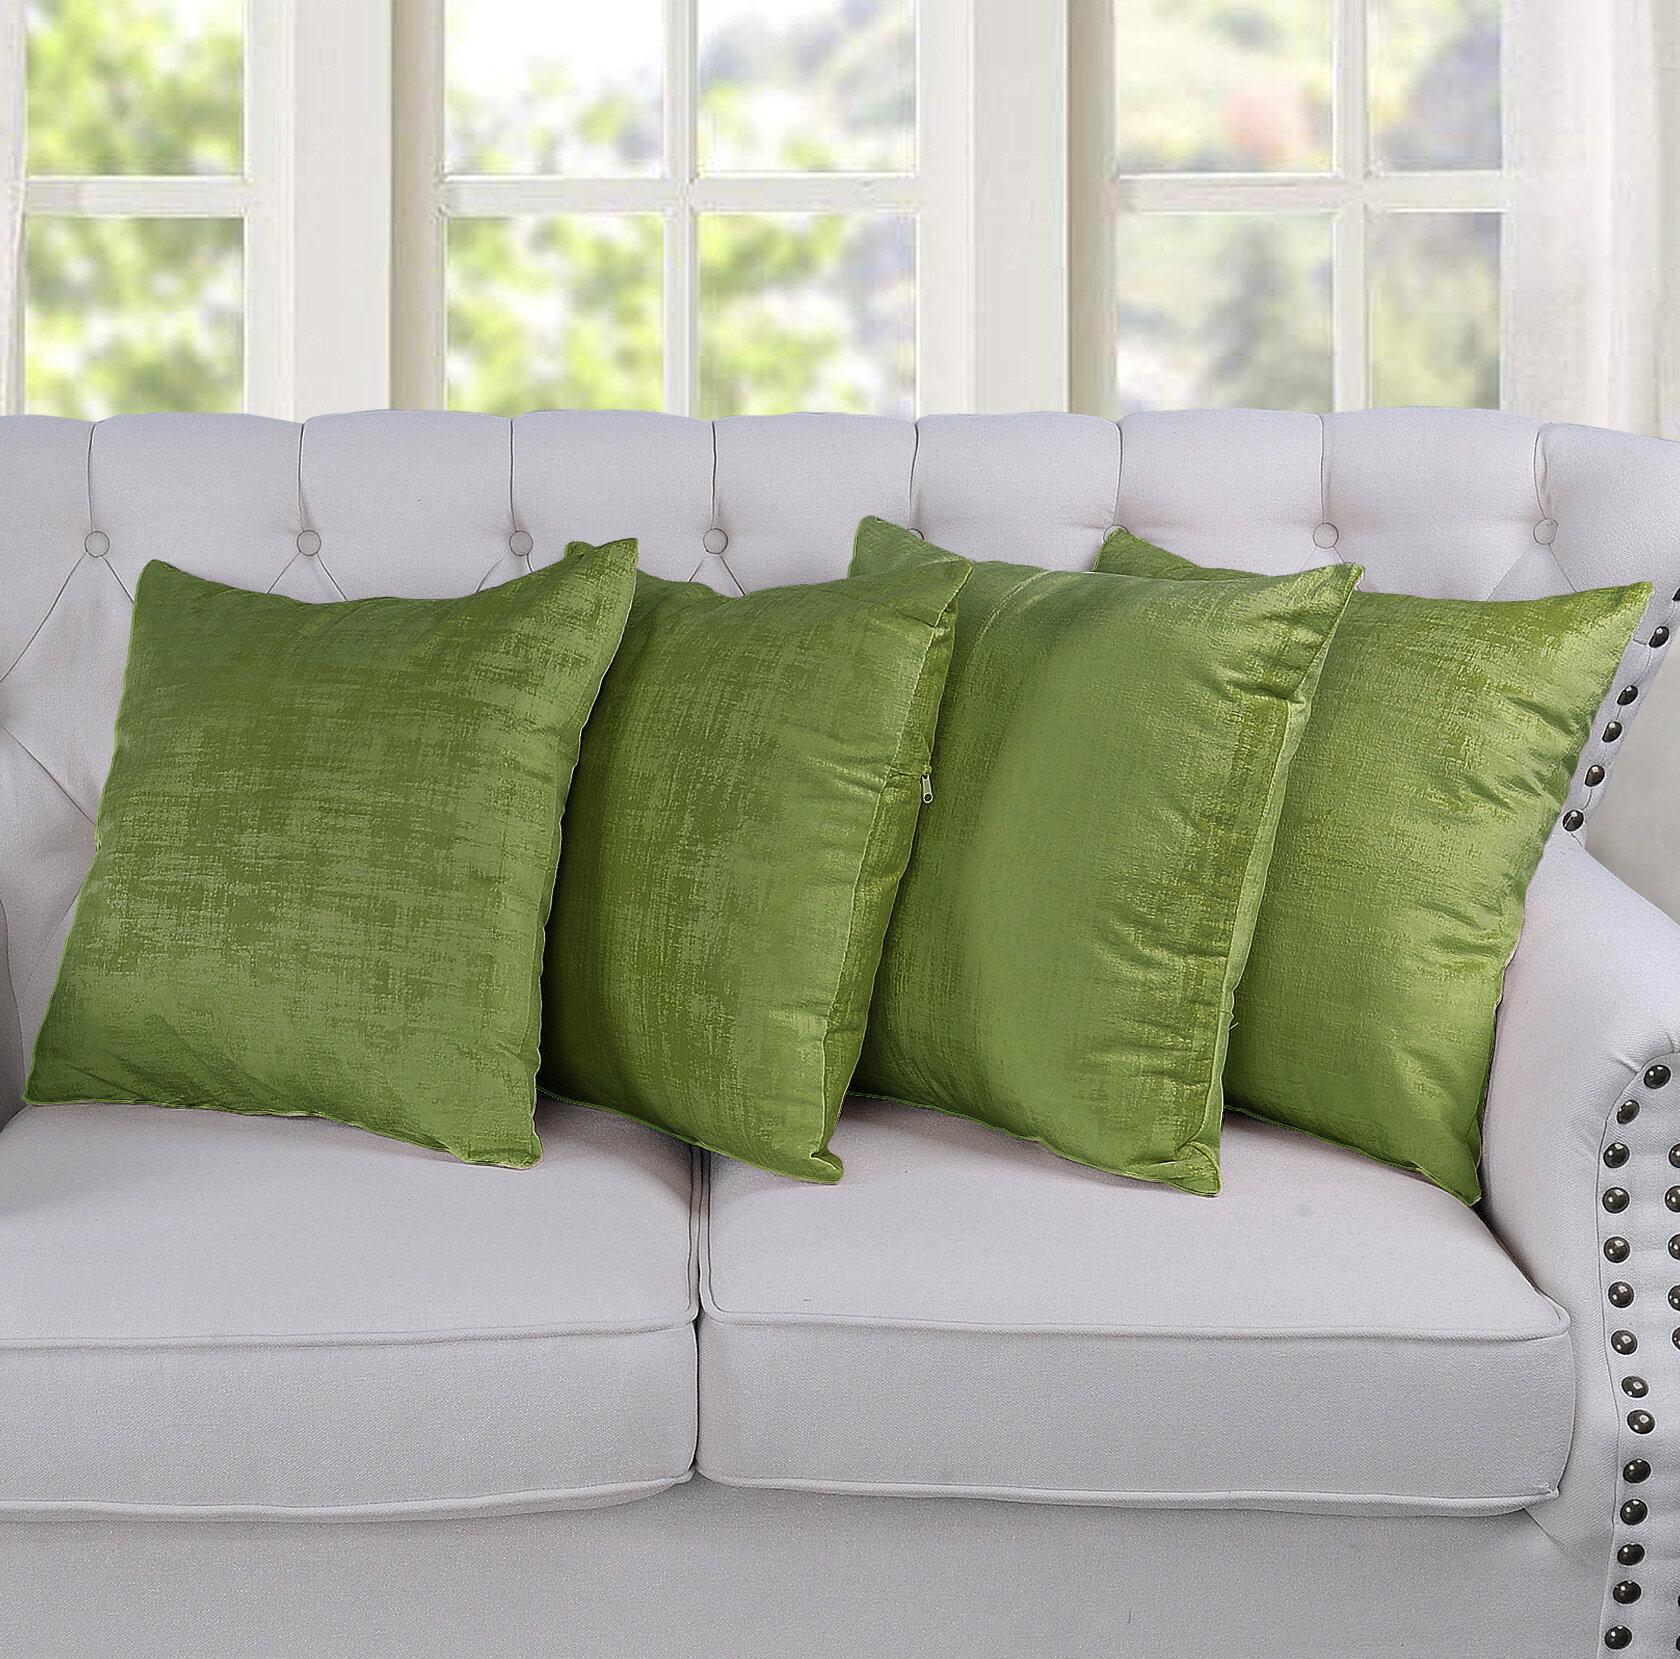 Green Throw Pillows Free Shipping Over 35 Wayfair